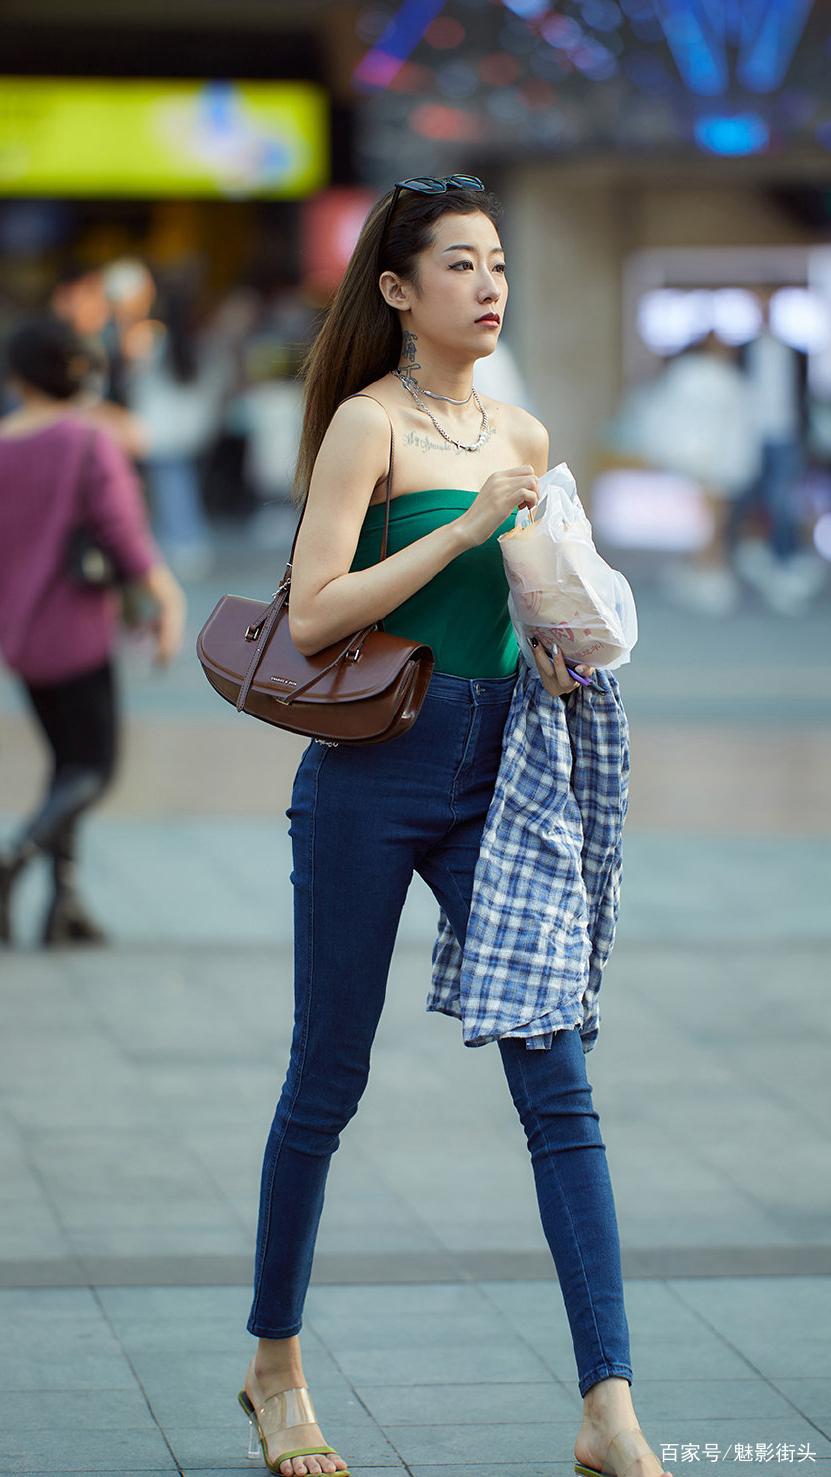 紧身牛仔裤怎么搭配?选择高腰款式+短款上衣,显高显瘦又精神